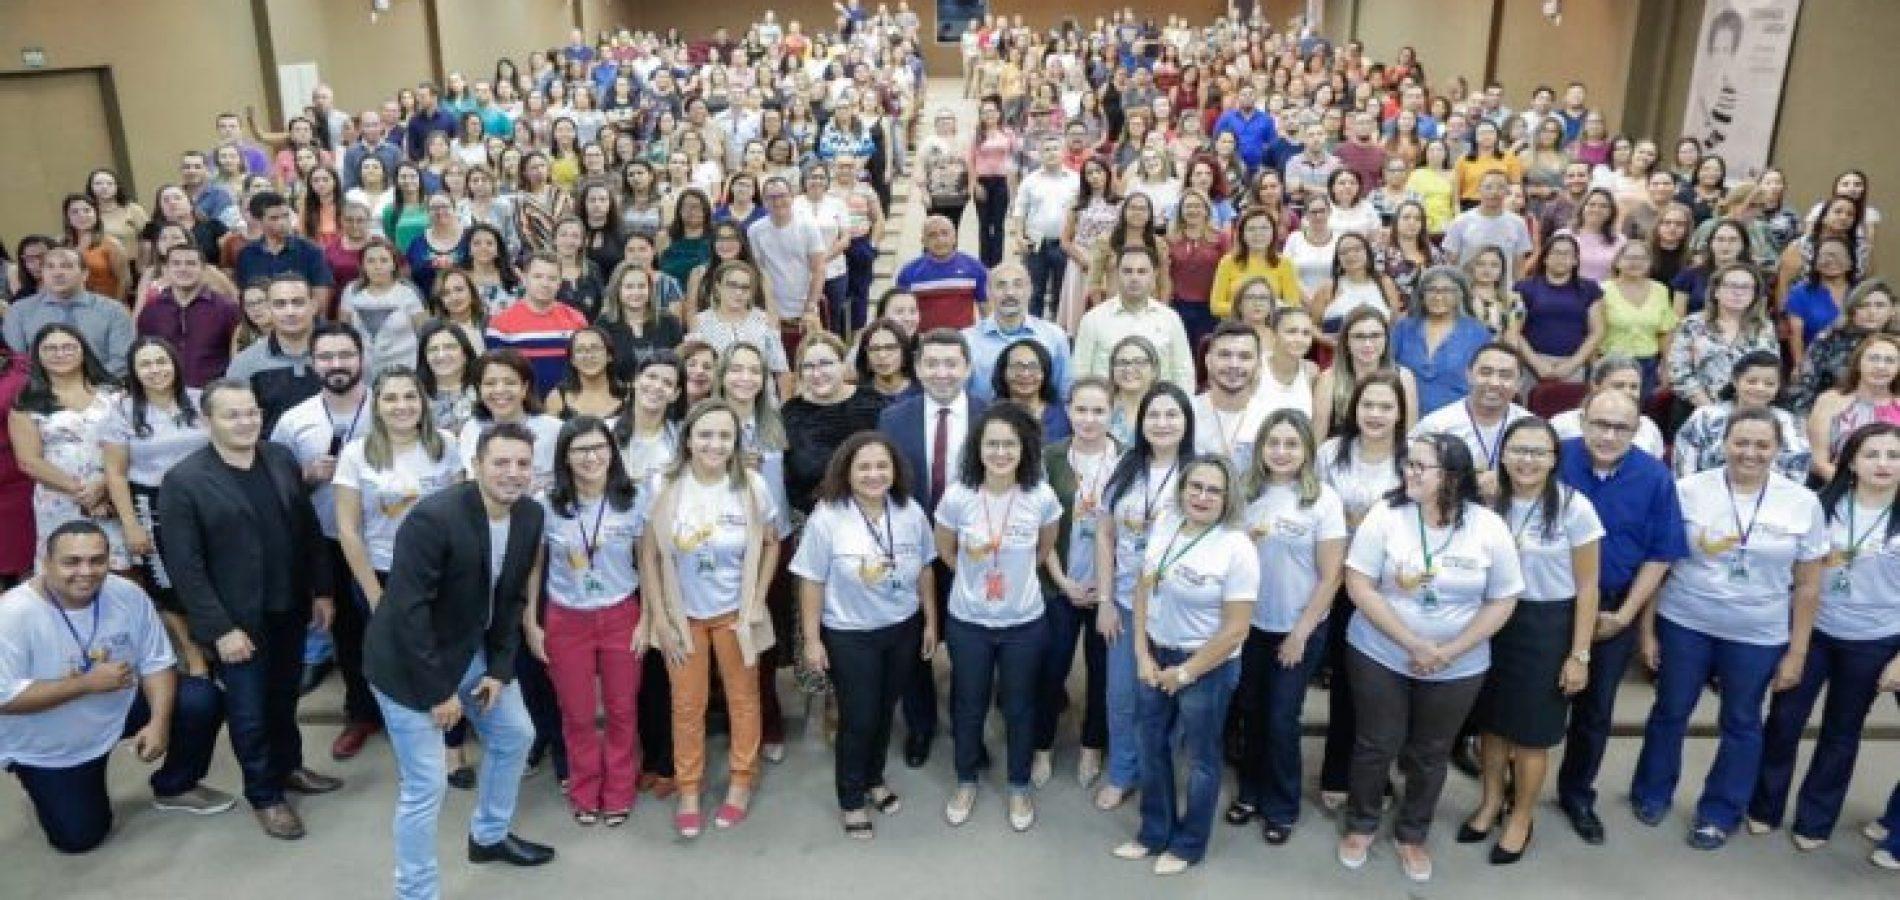 Seduc inicia formação para implantar novo currículo do Piauí